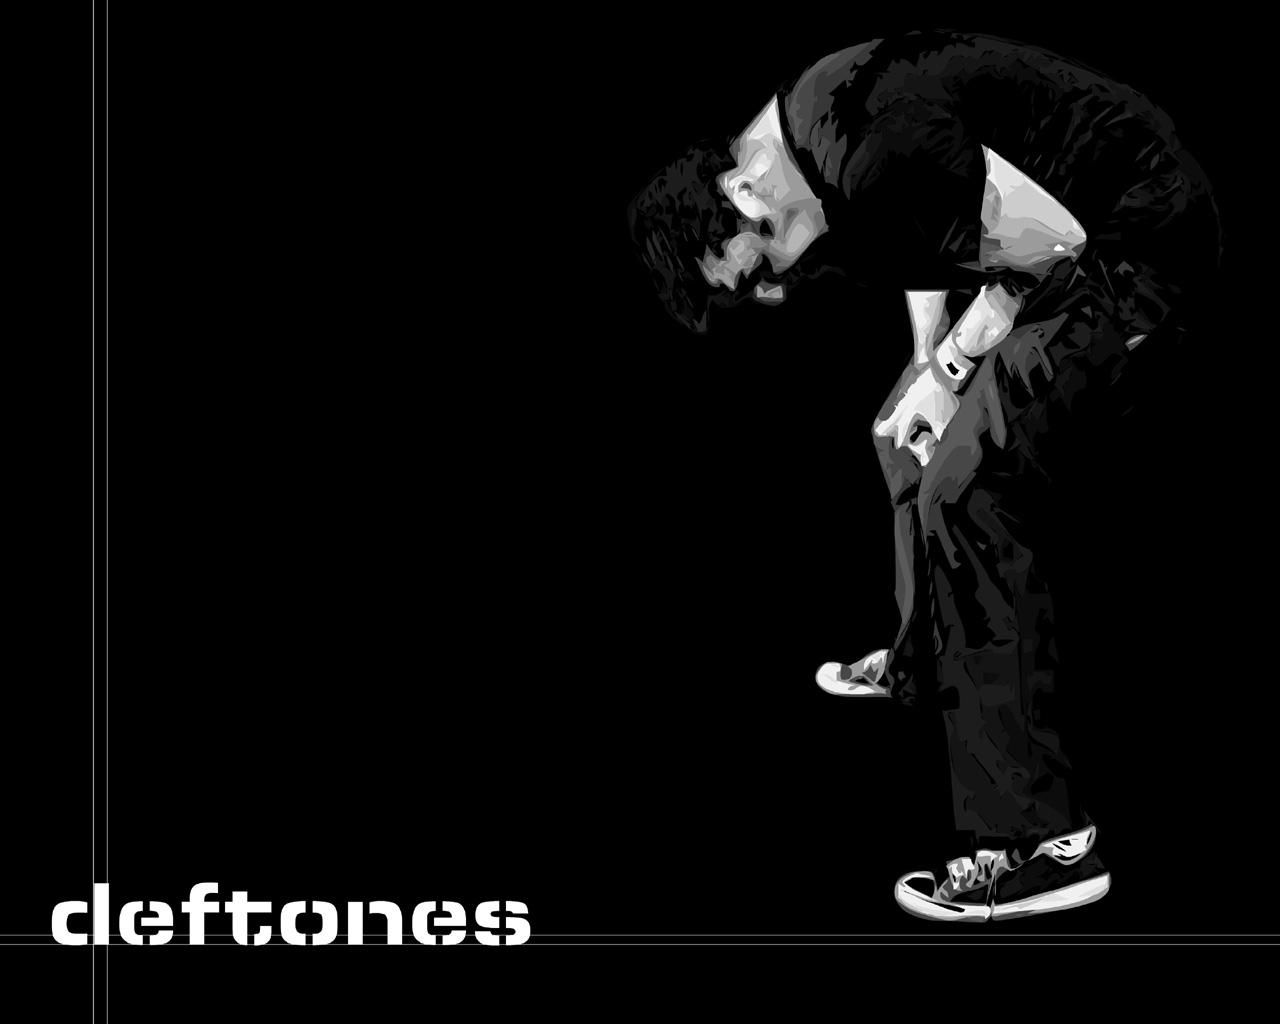 Deftones Wallpaper 10 Bang Picture 1280x1024